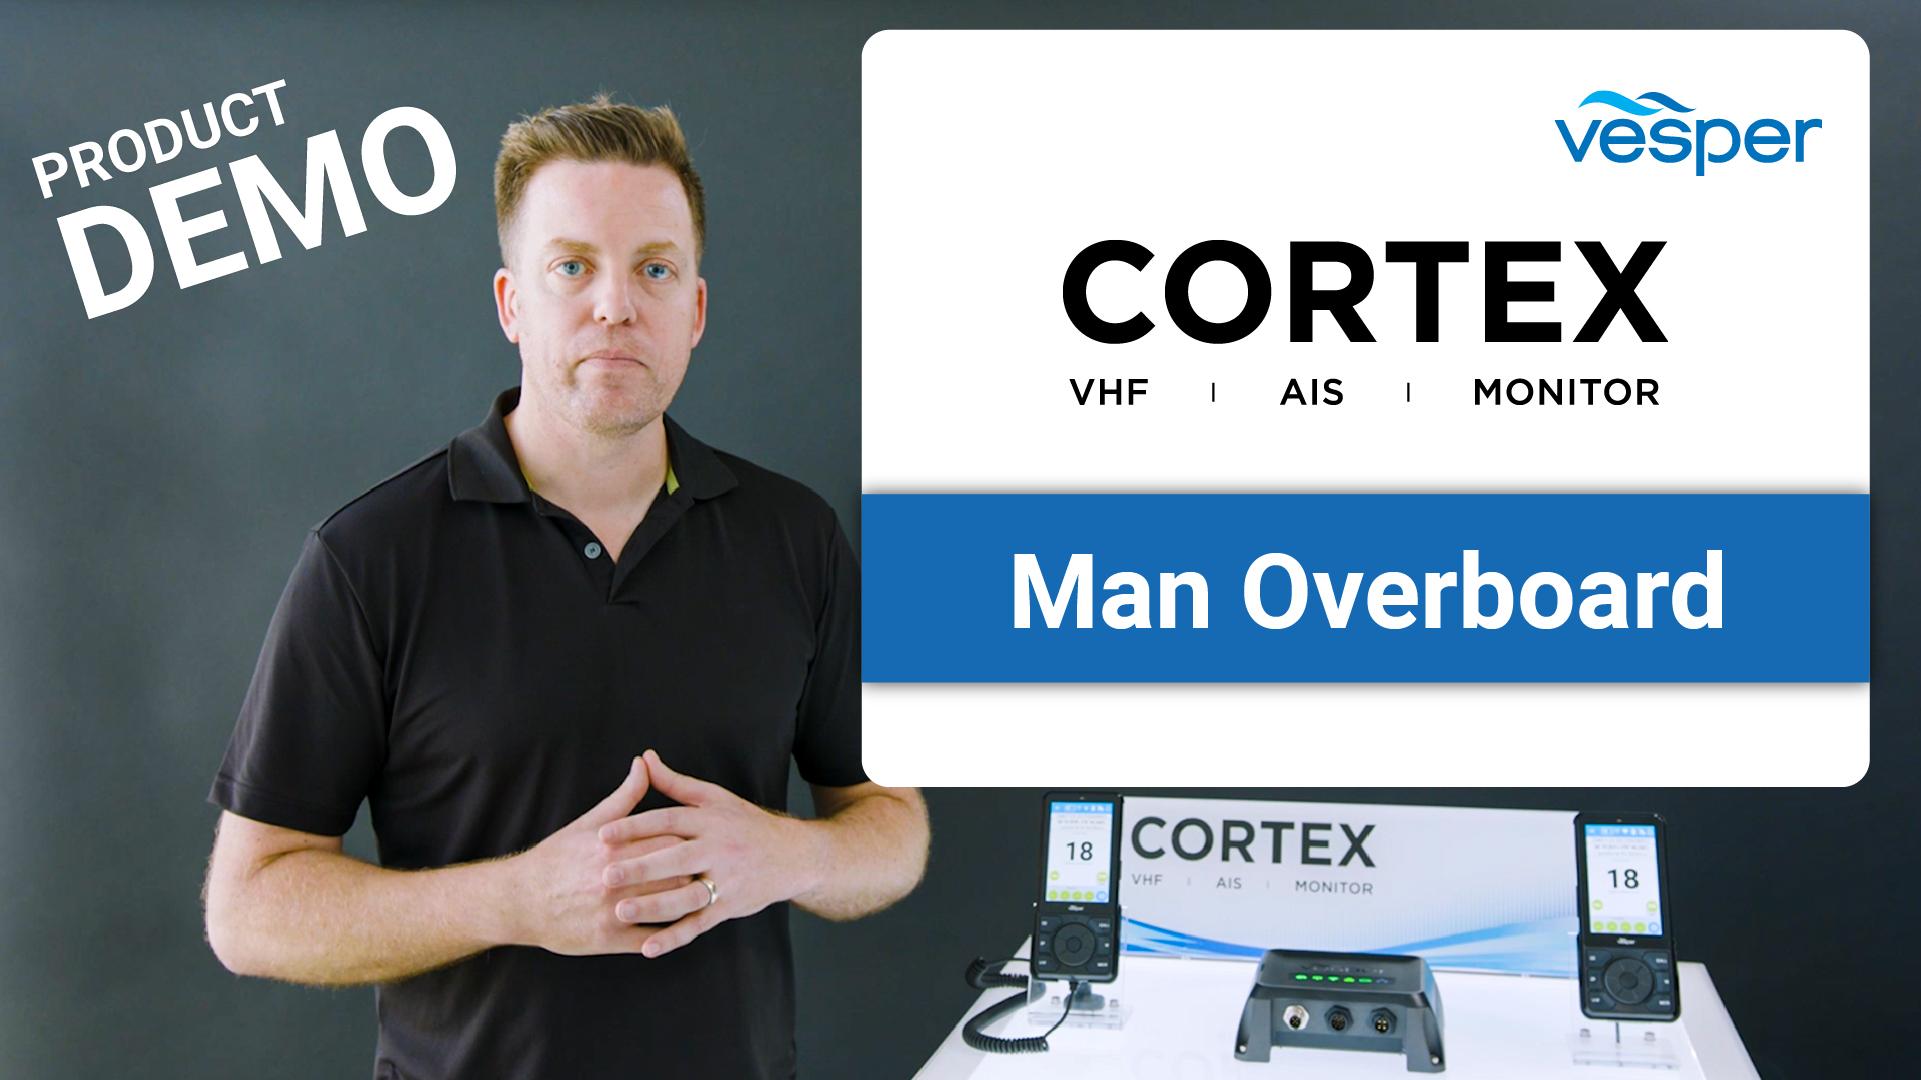 Cortex - Man Overboard